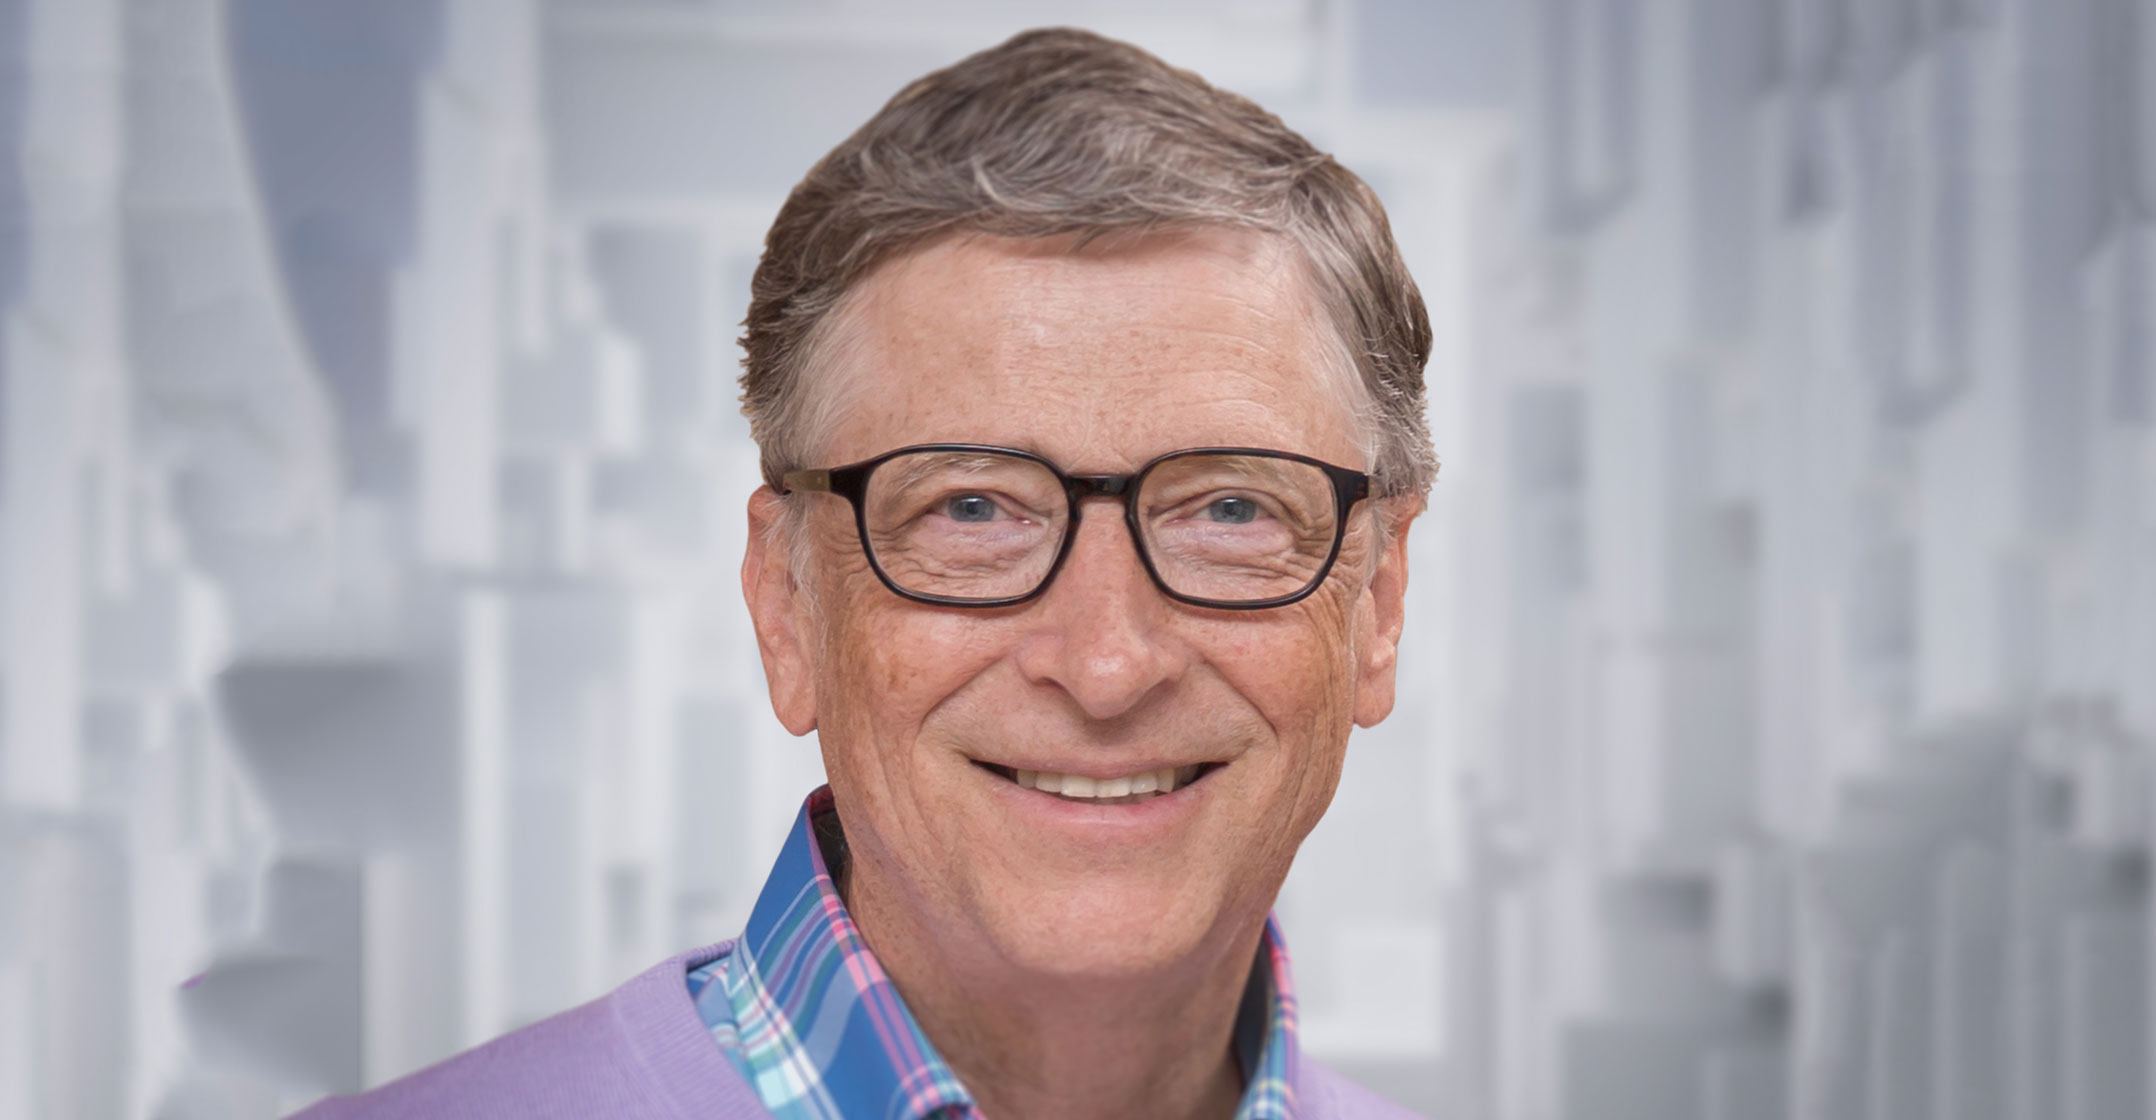 نتيجة بحث الصور عن Porsche - Tycoon Turbo-Bill Gates